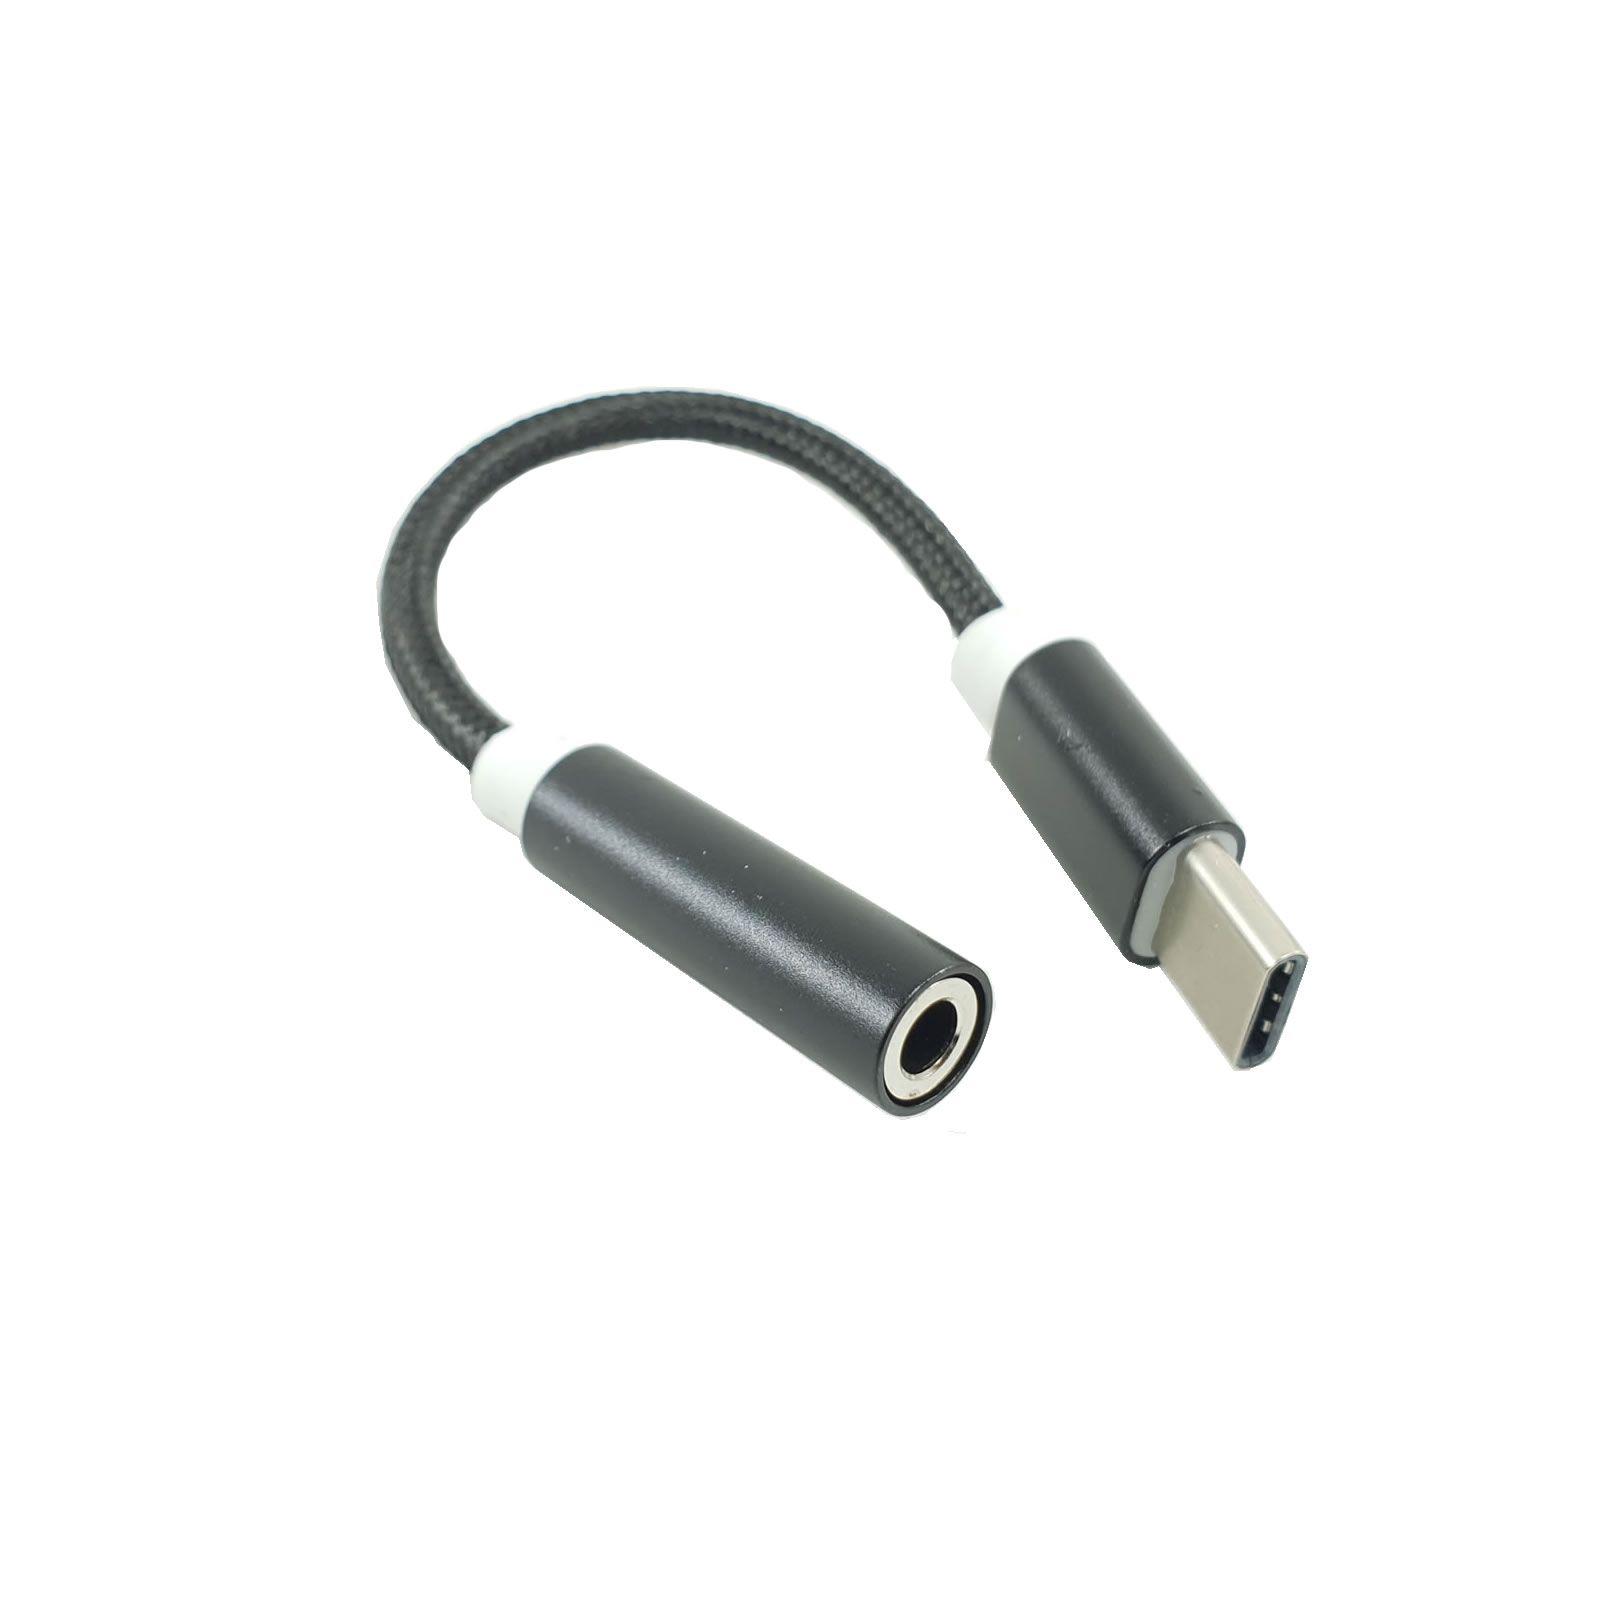 Adaptador USB-C X P2 plug 3.5mm para fone de ouvido